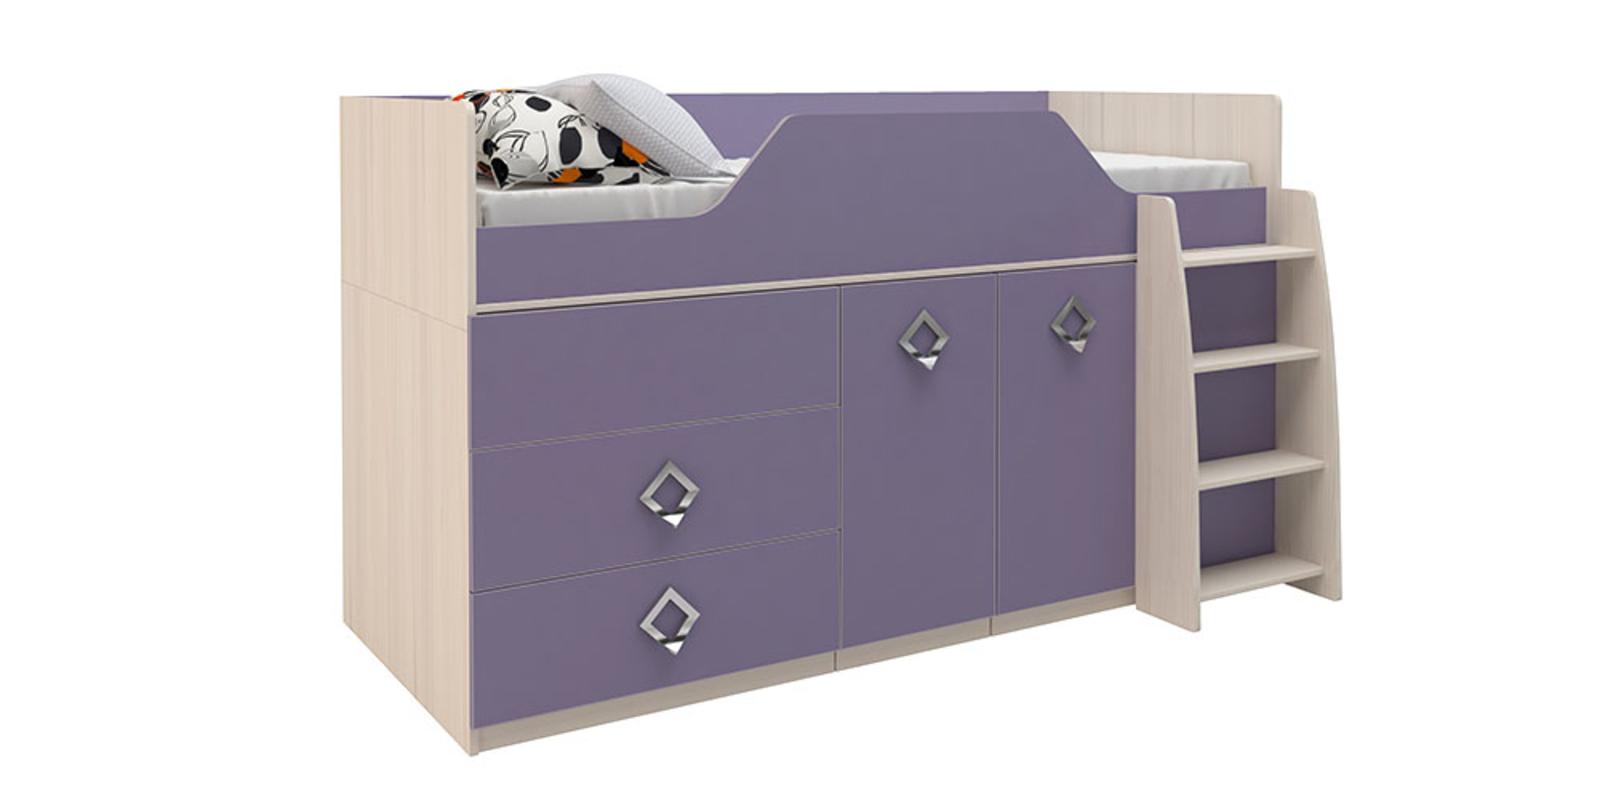 Кровать односпальная Салоу кровать-трансформер (каттхилт/лаванда)